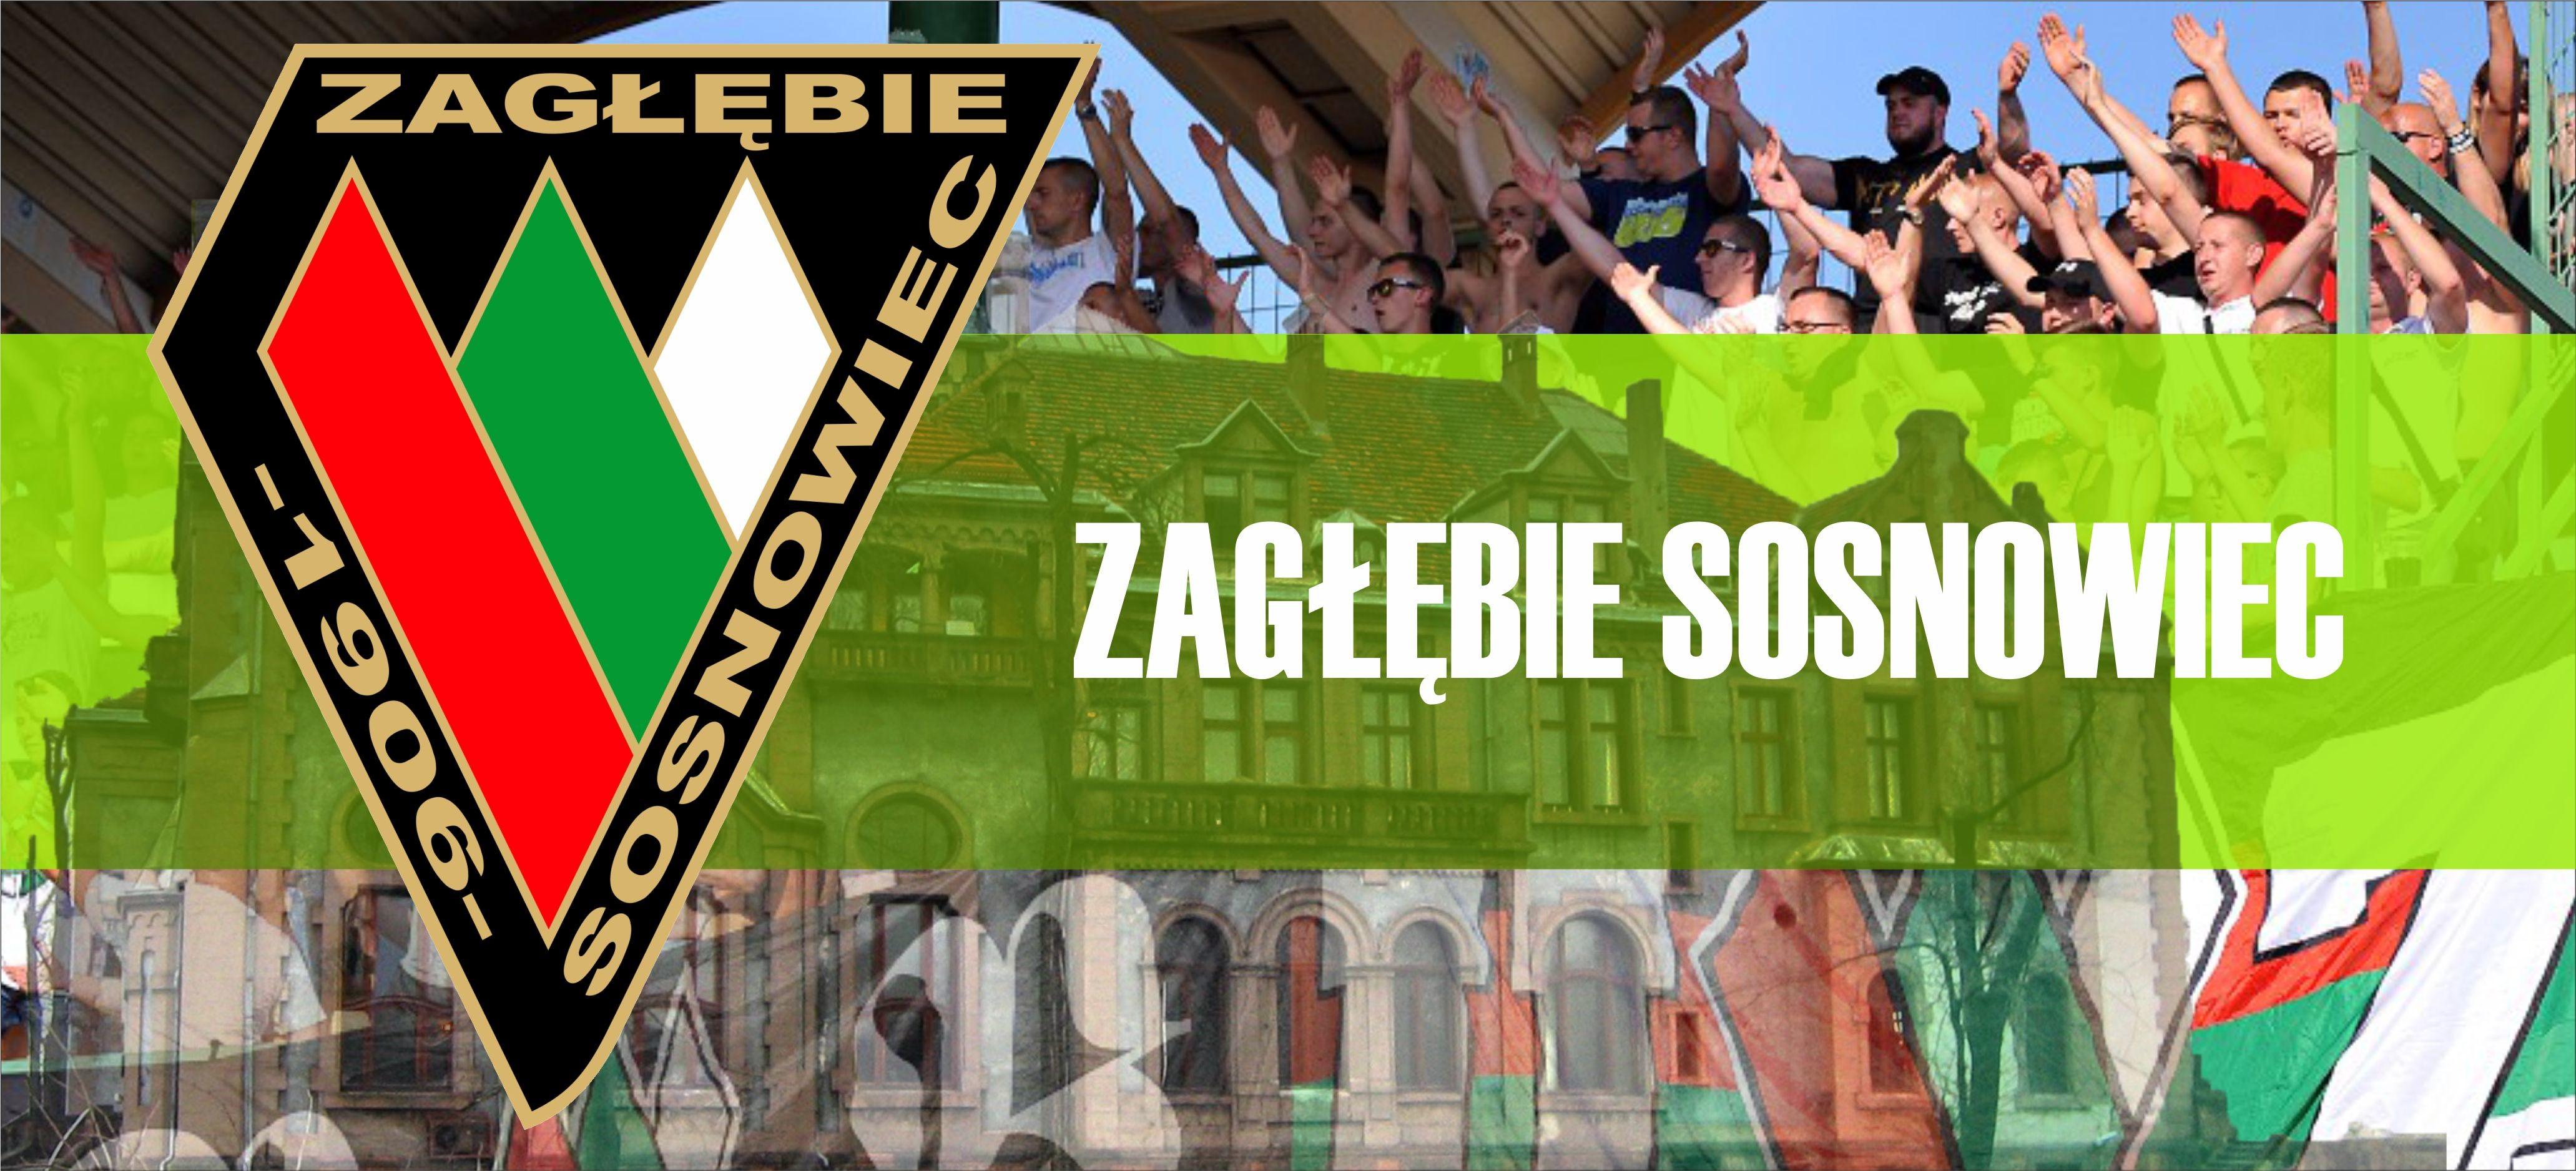 Skarb kibica I ligi: Zagłębie Sosnowiec – o powrót będzie trudno